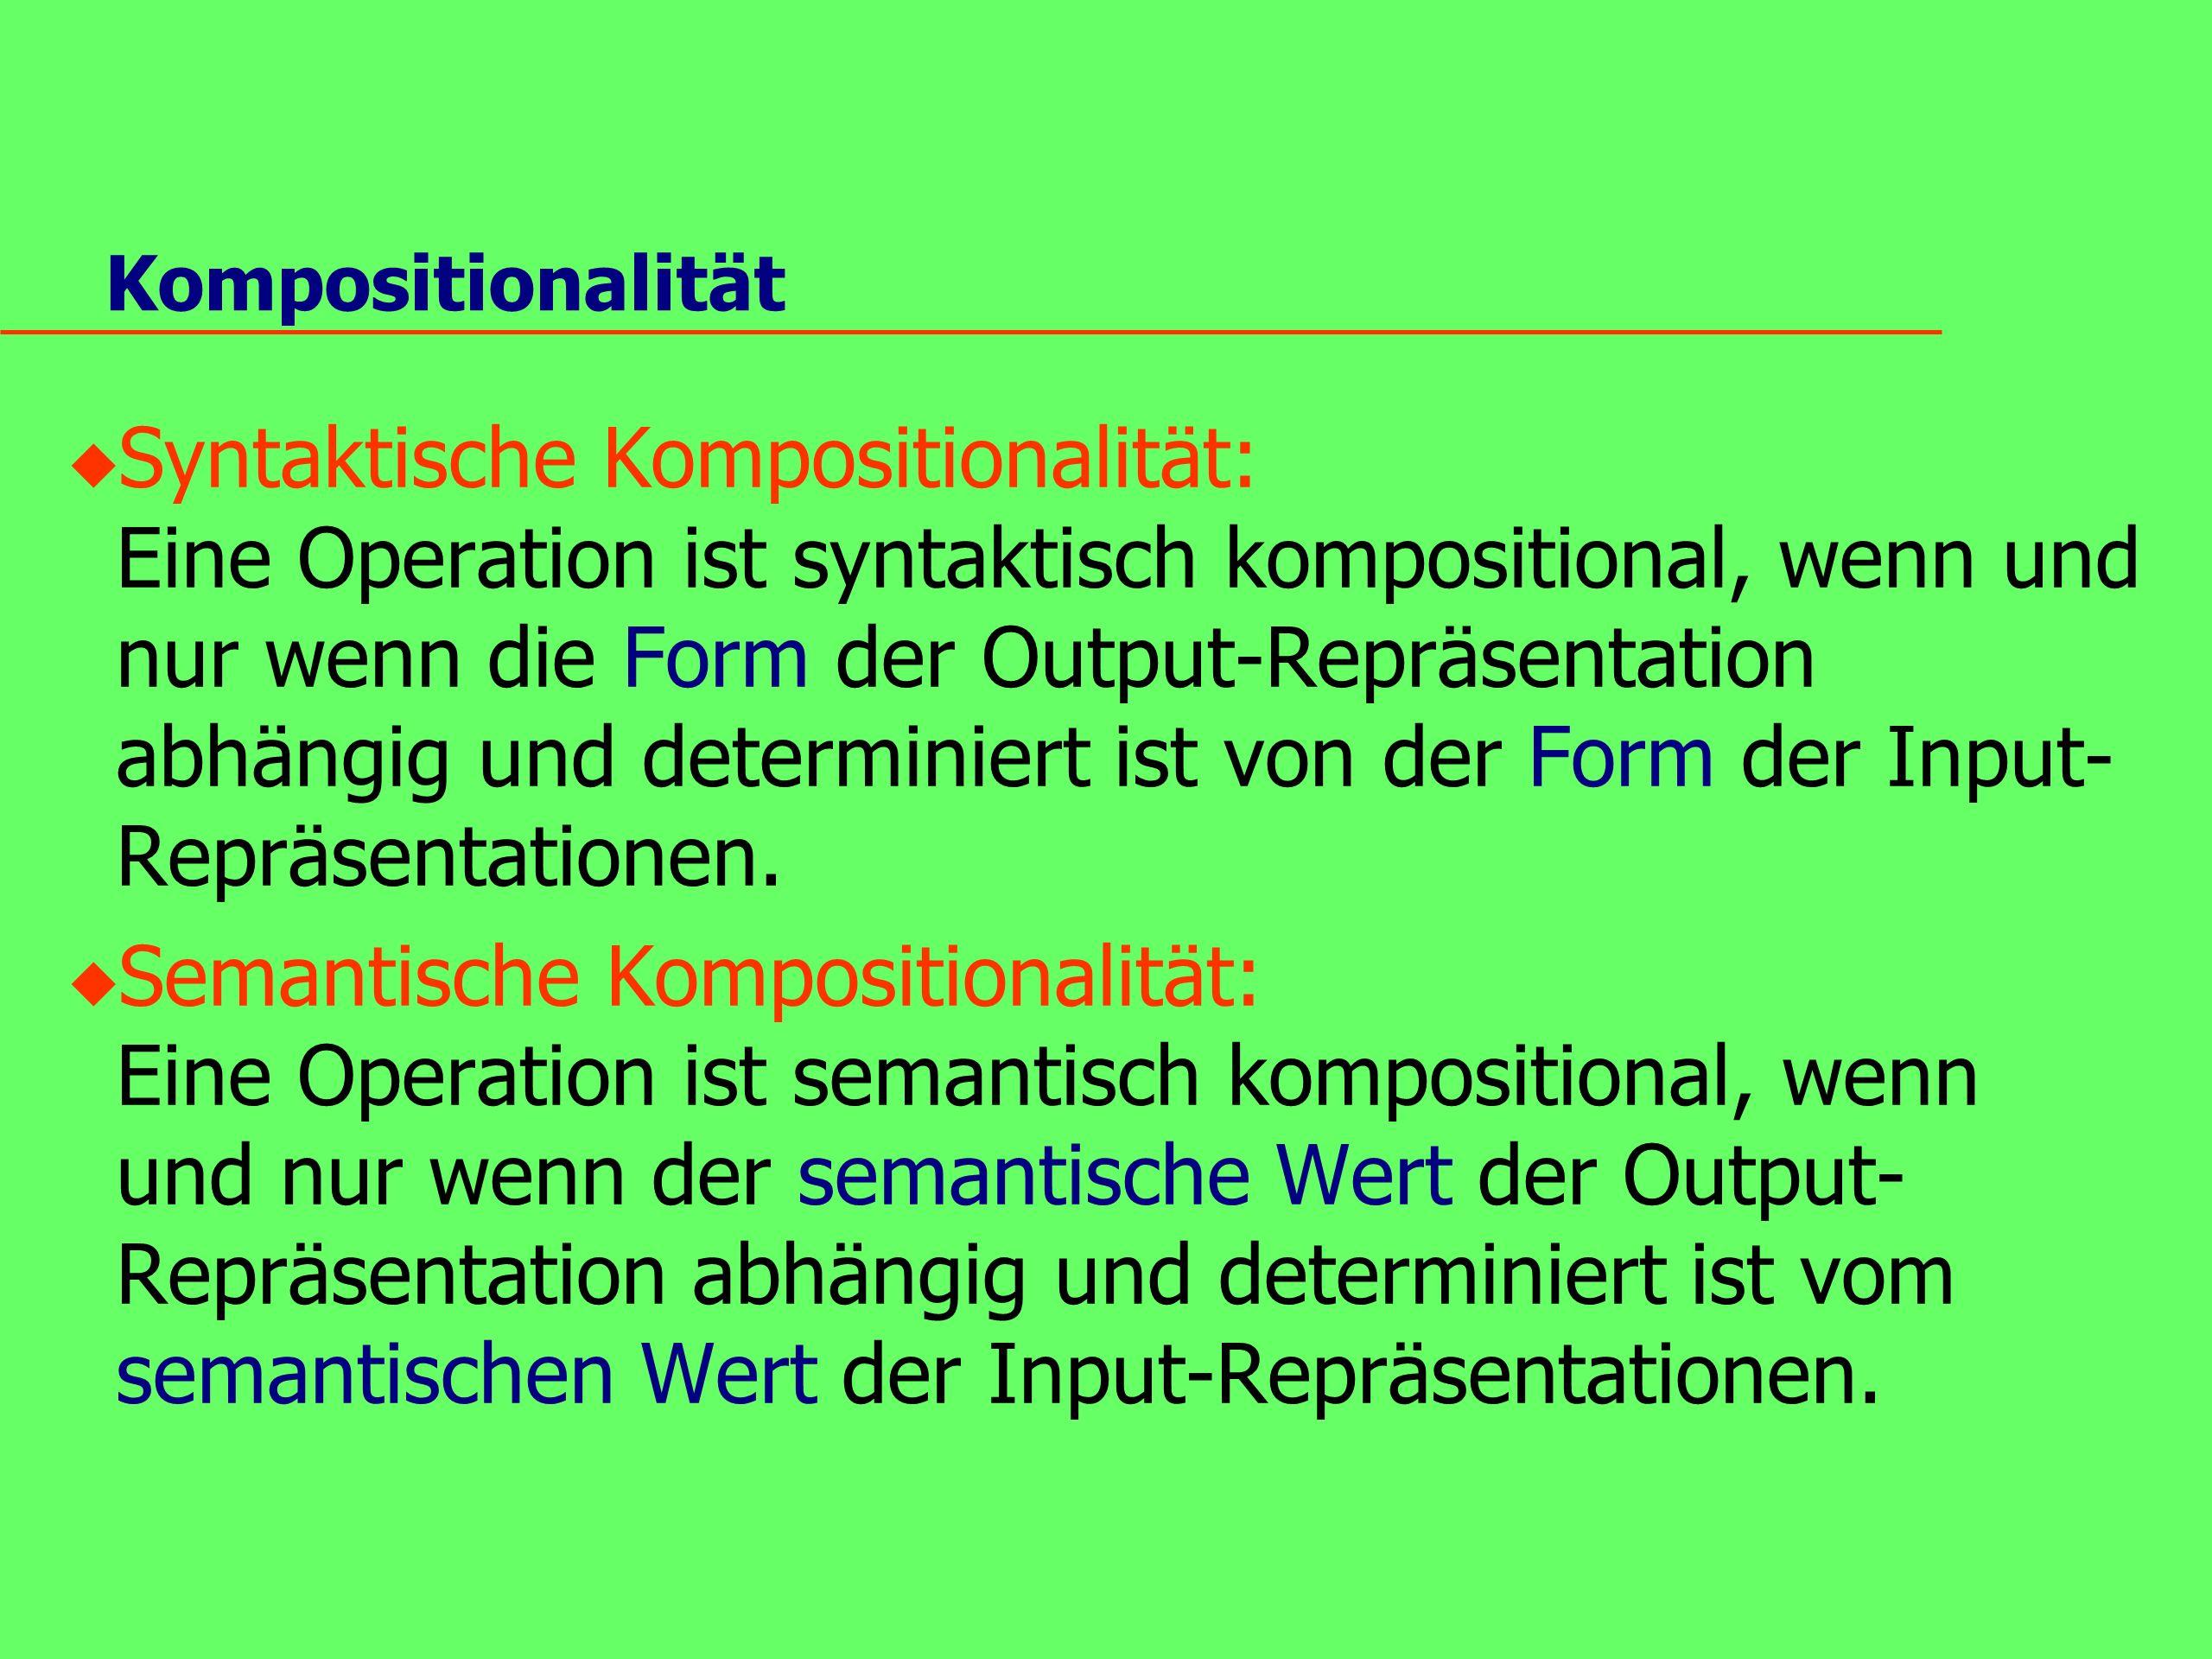 u syntaktisch und semantisch kompositionale Operation: u nicht syntaktisch, aber semantisch kompositionale Operation, wenn analytisch: u nicht semantisch, aber syntaktisch kompositionale Operation, da idiomatisch: